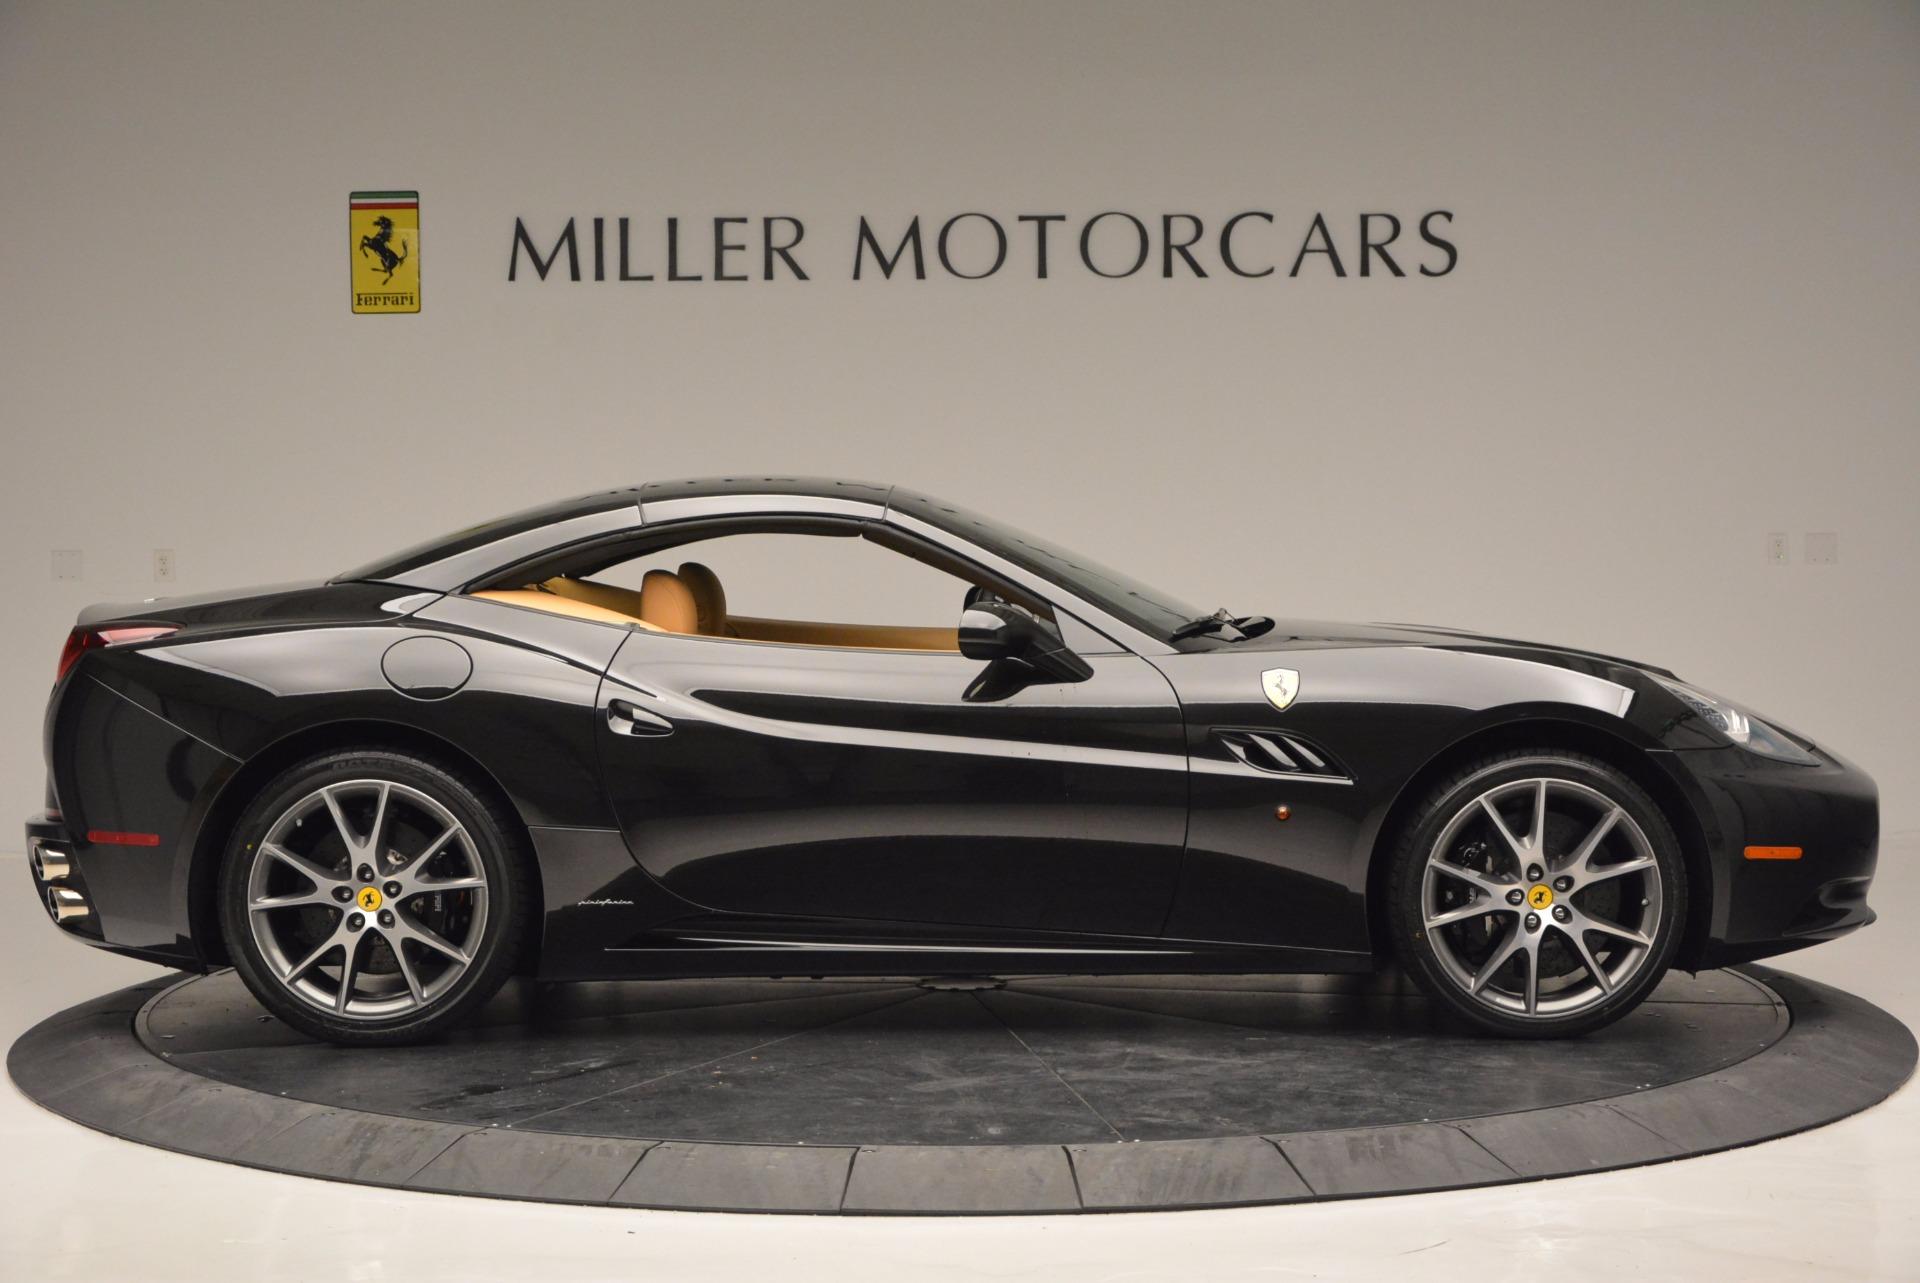 Pre Owned 2010 Ferrari California For Sale Miller Motorcars Stock 4362